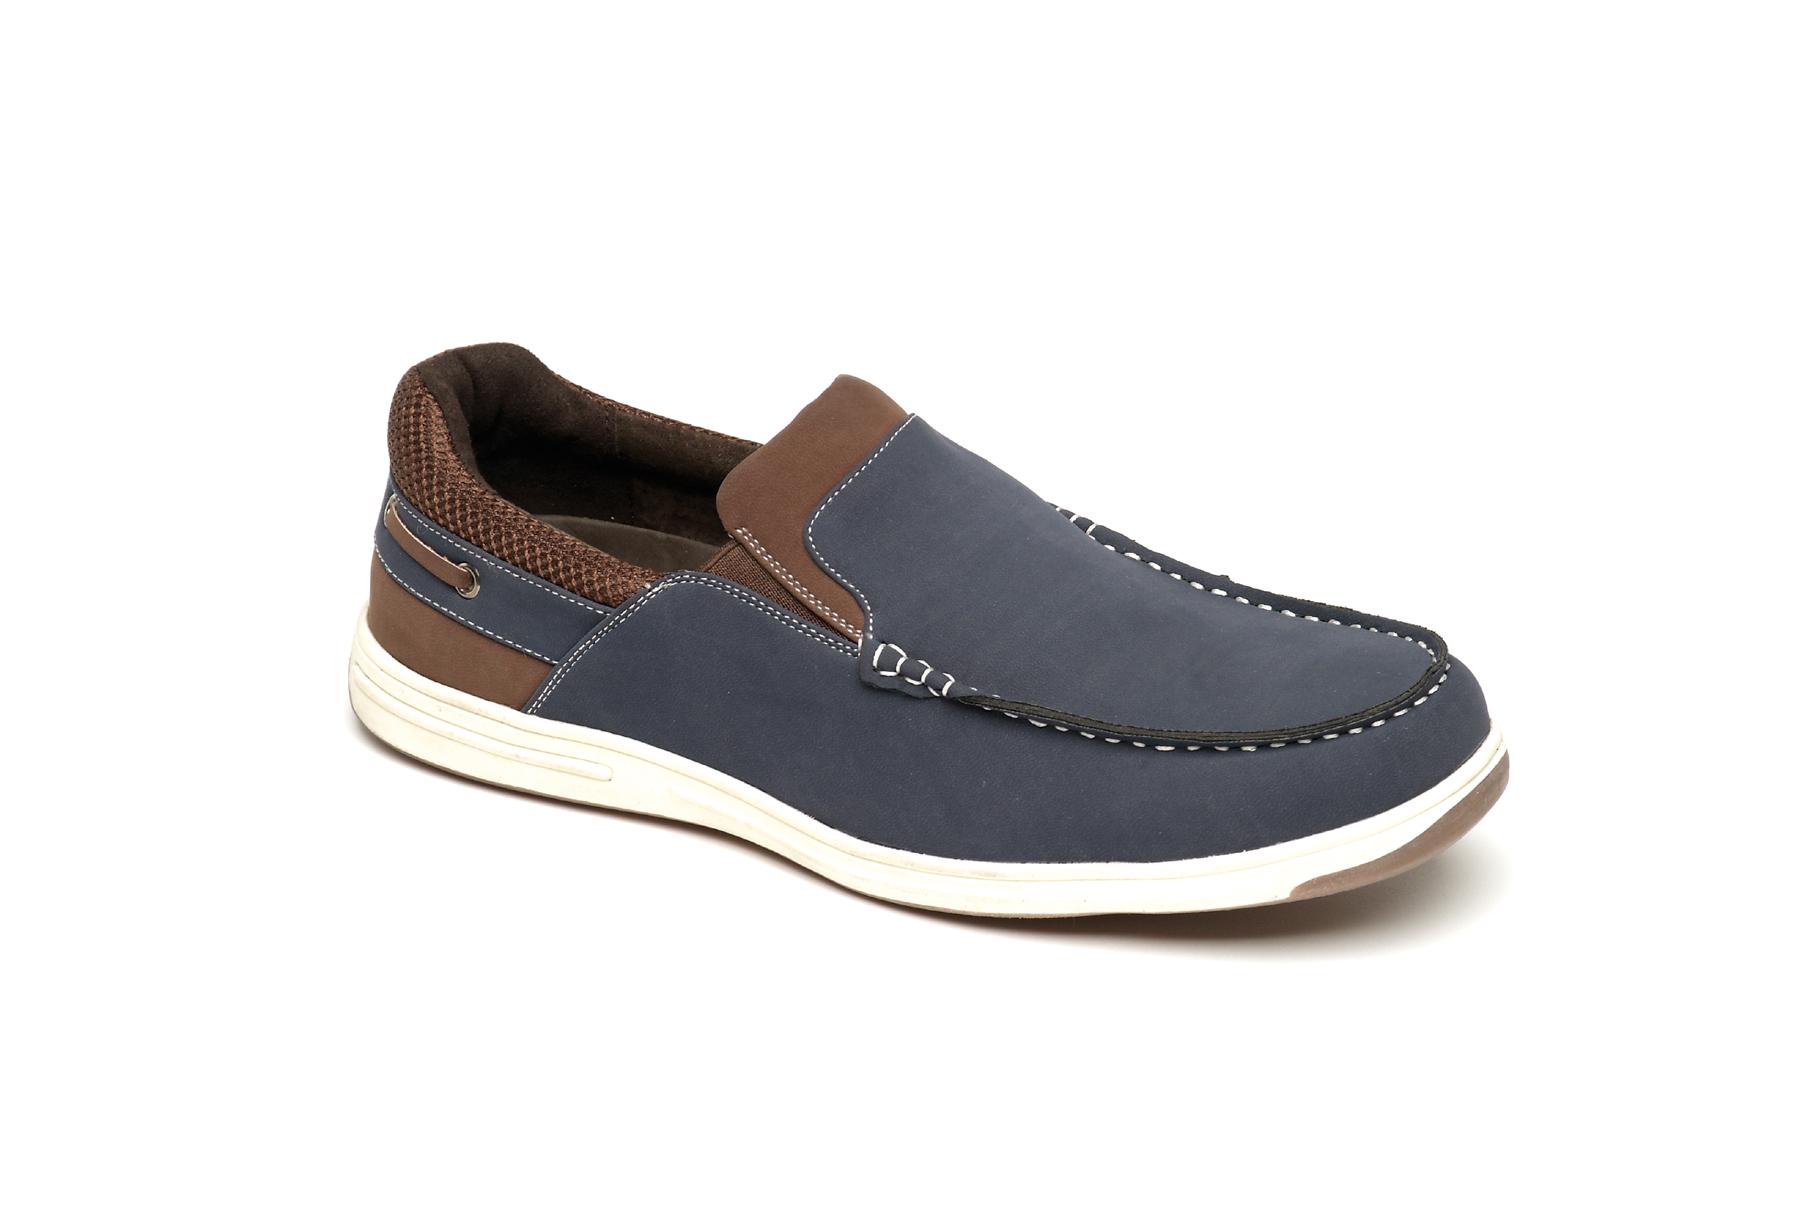 loafer deck shoes slip on mens uk size 6 7 8